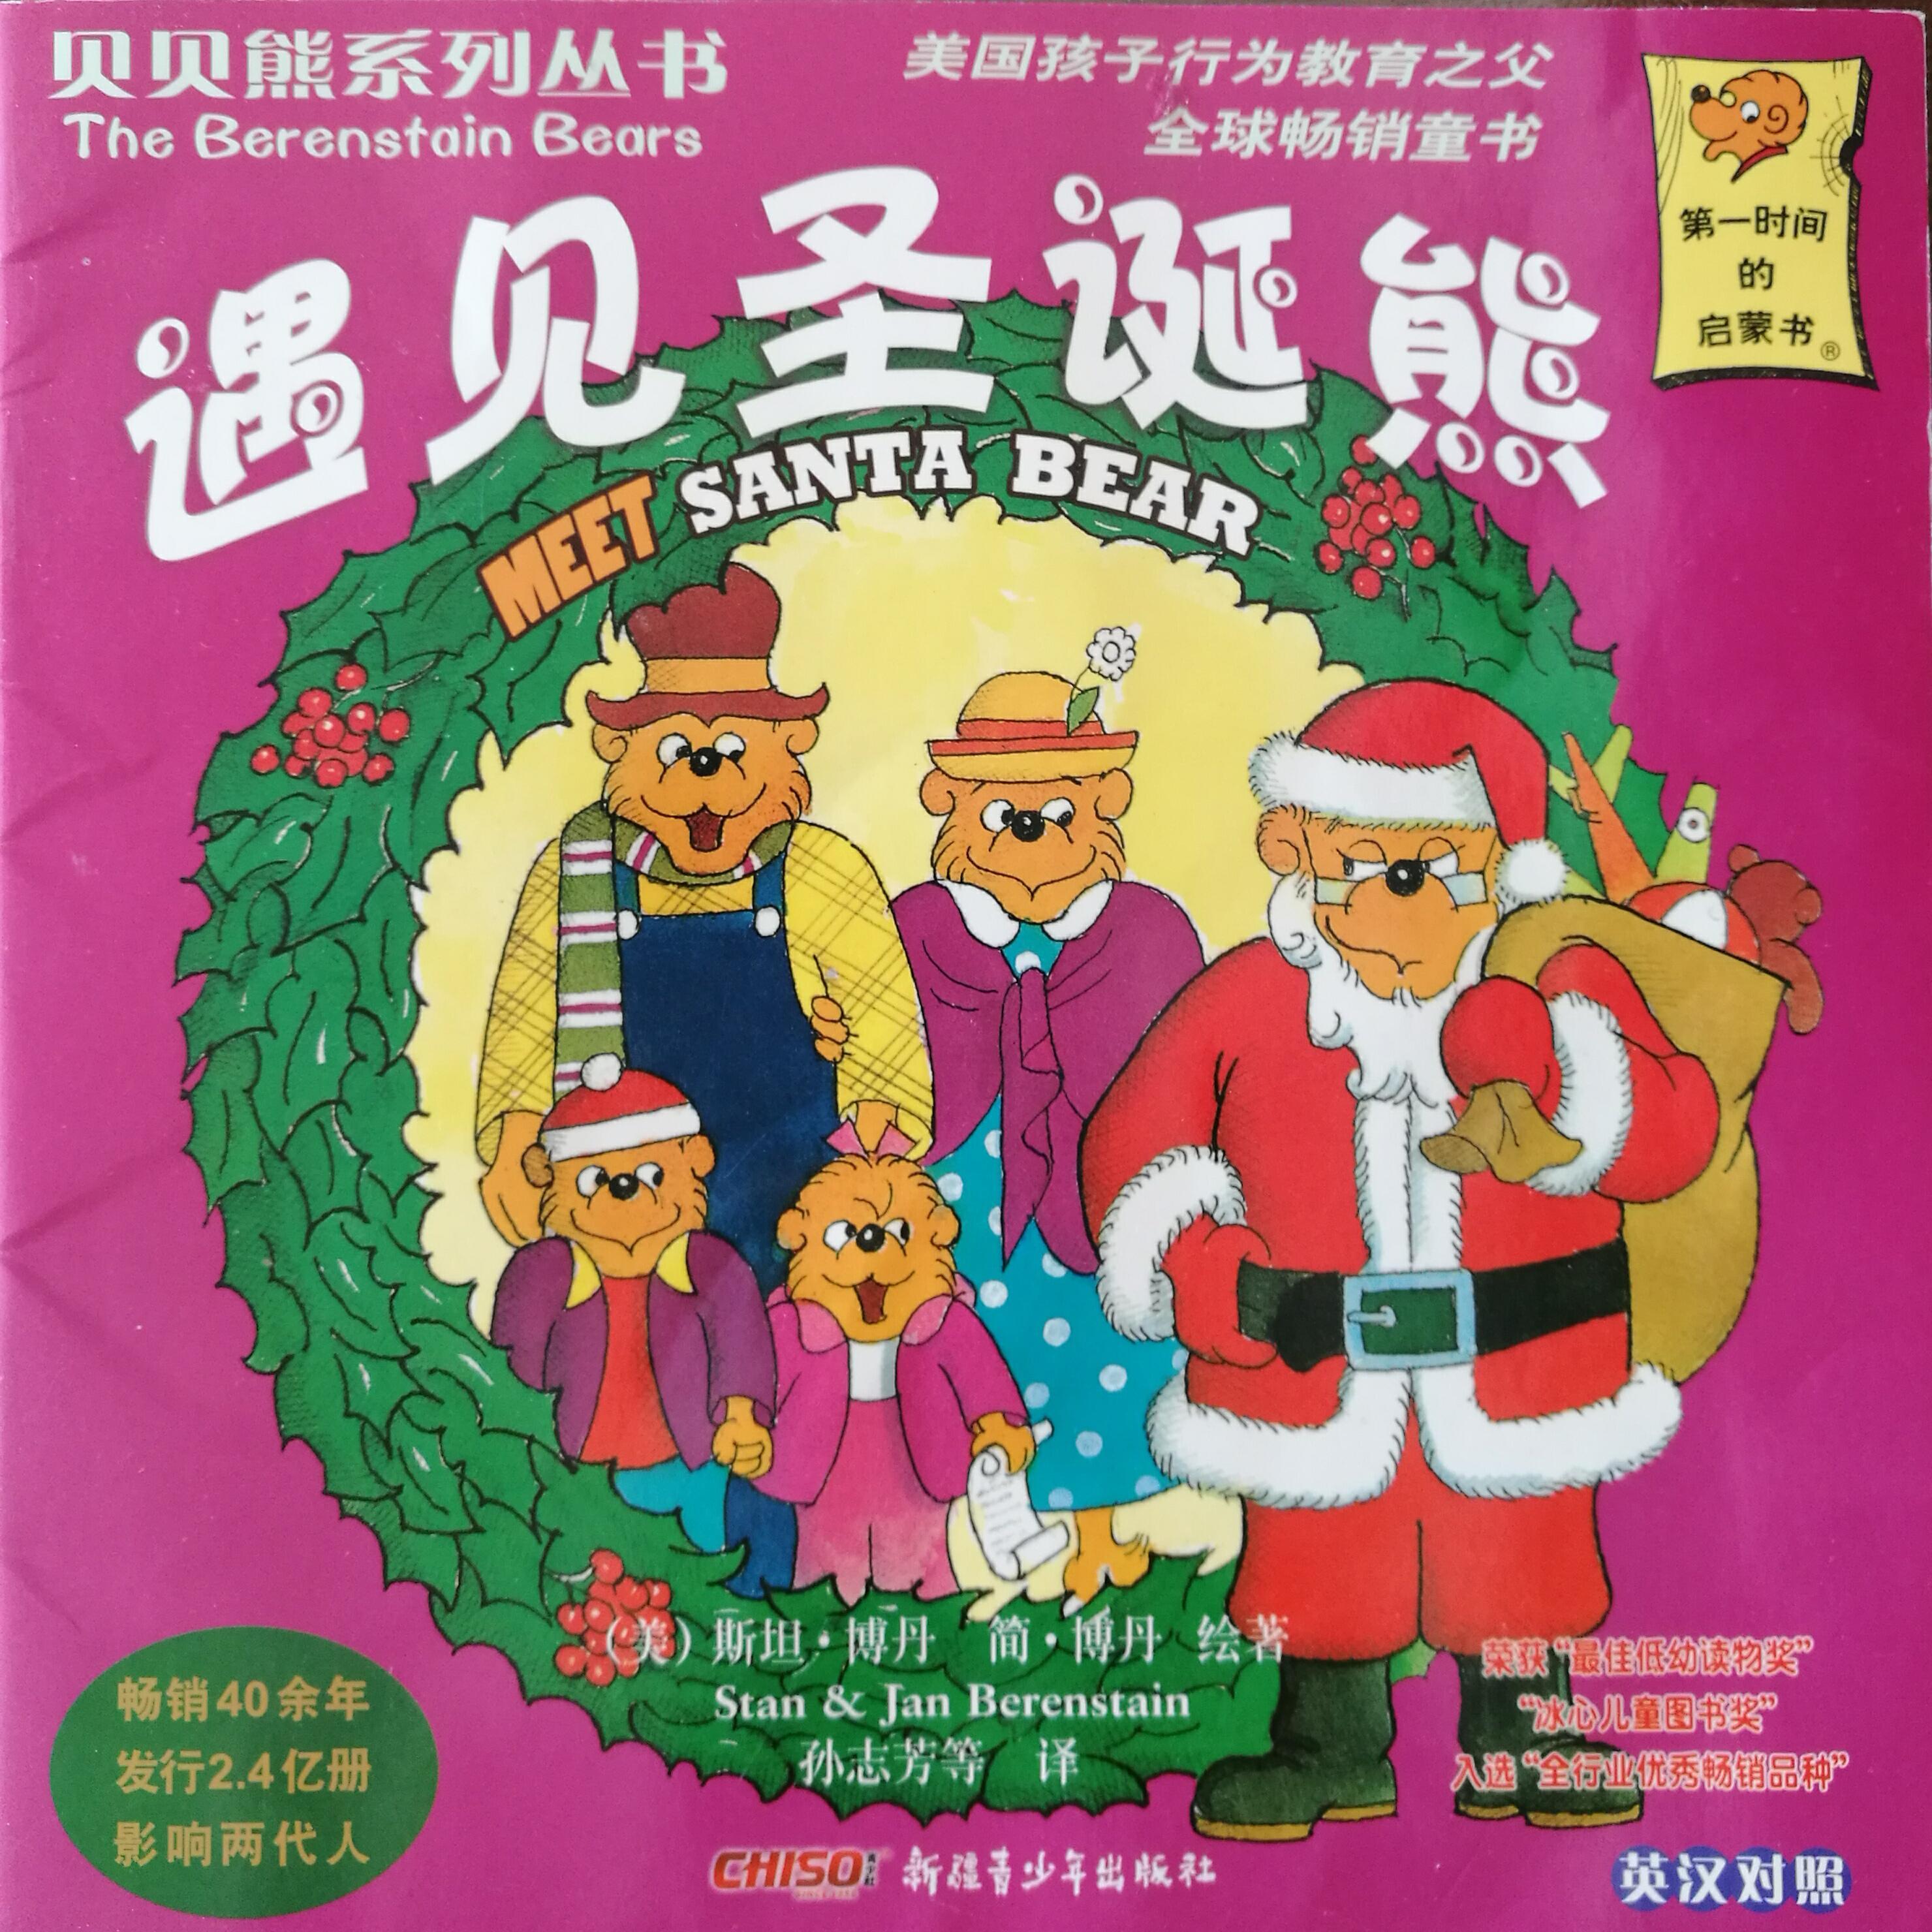 贝贝熊系列-遇见圣诞熊